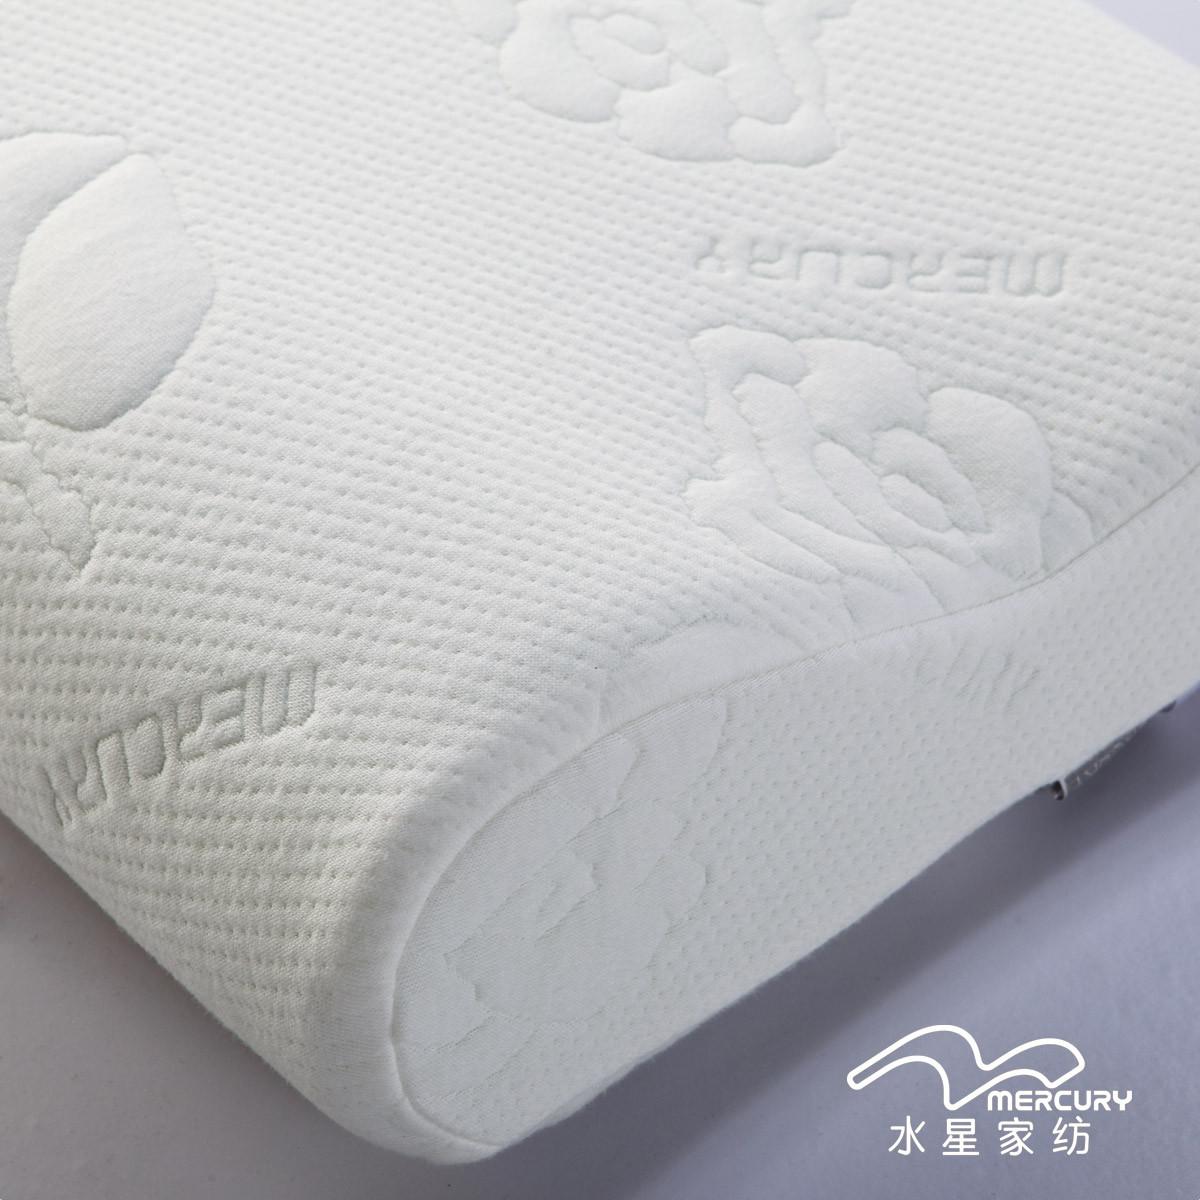 水星斜纹布棉布记忆棉长方形枕头